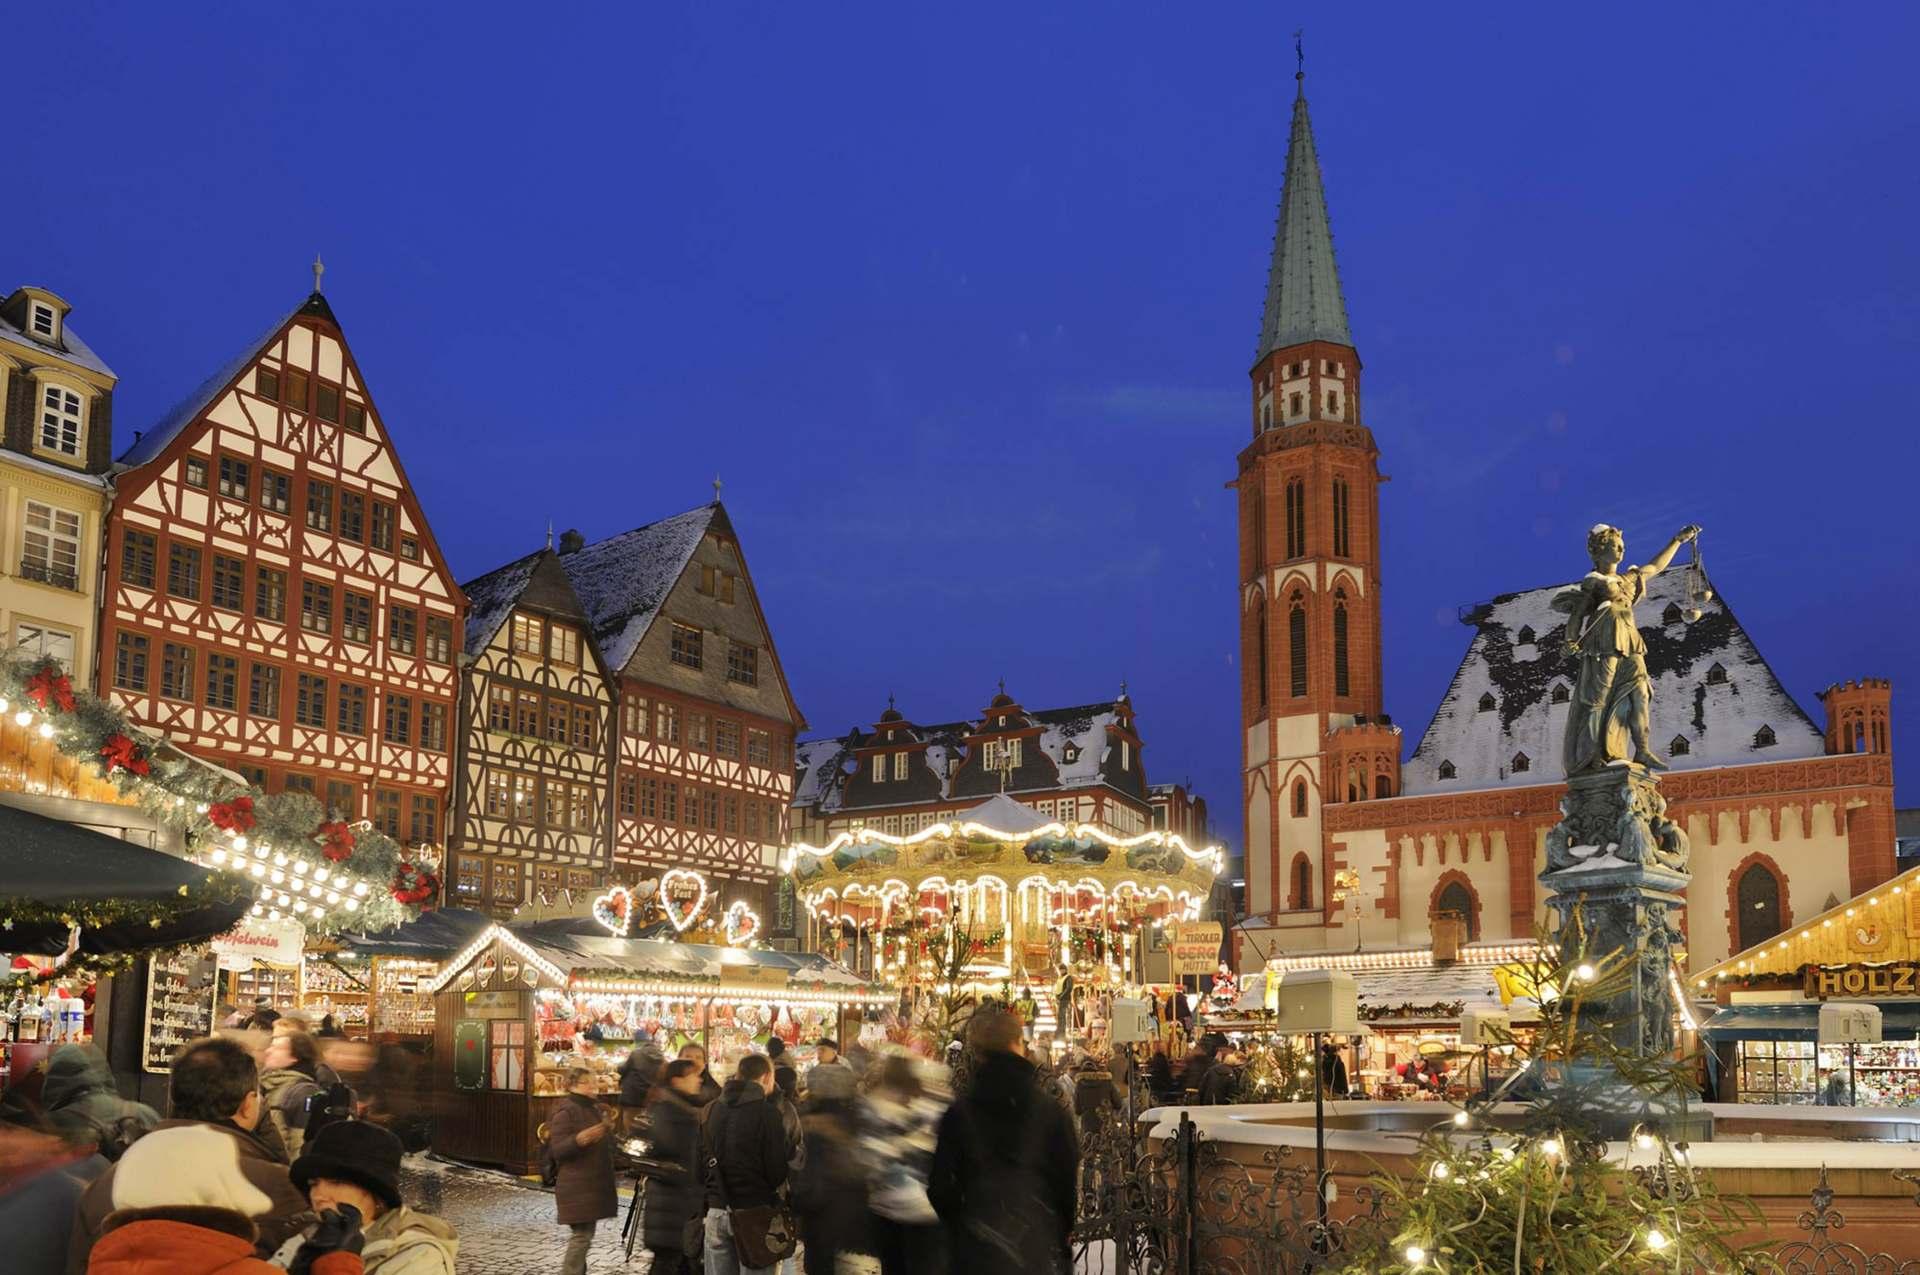 Frankfurt, 27. November: Eröffnung des Weihnachtsmarkts